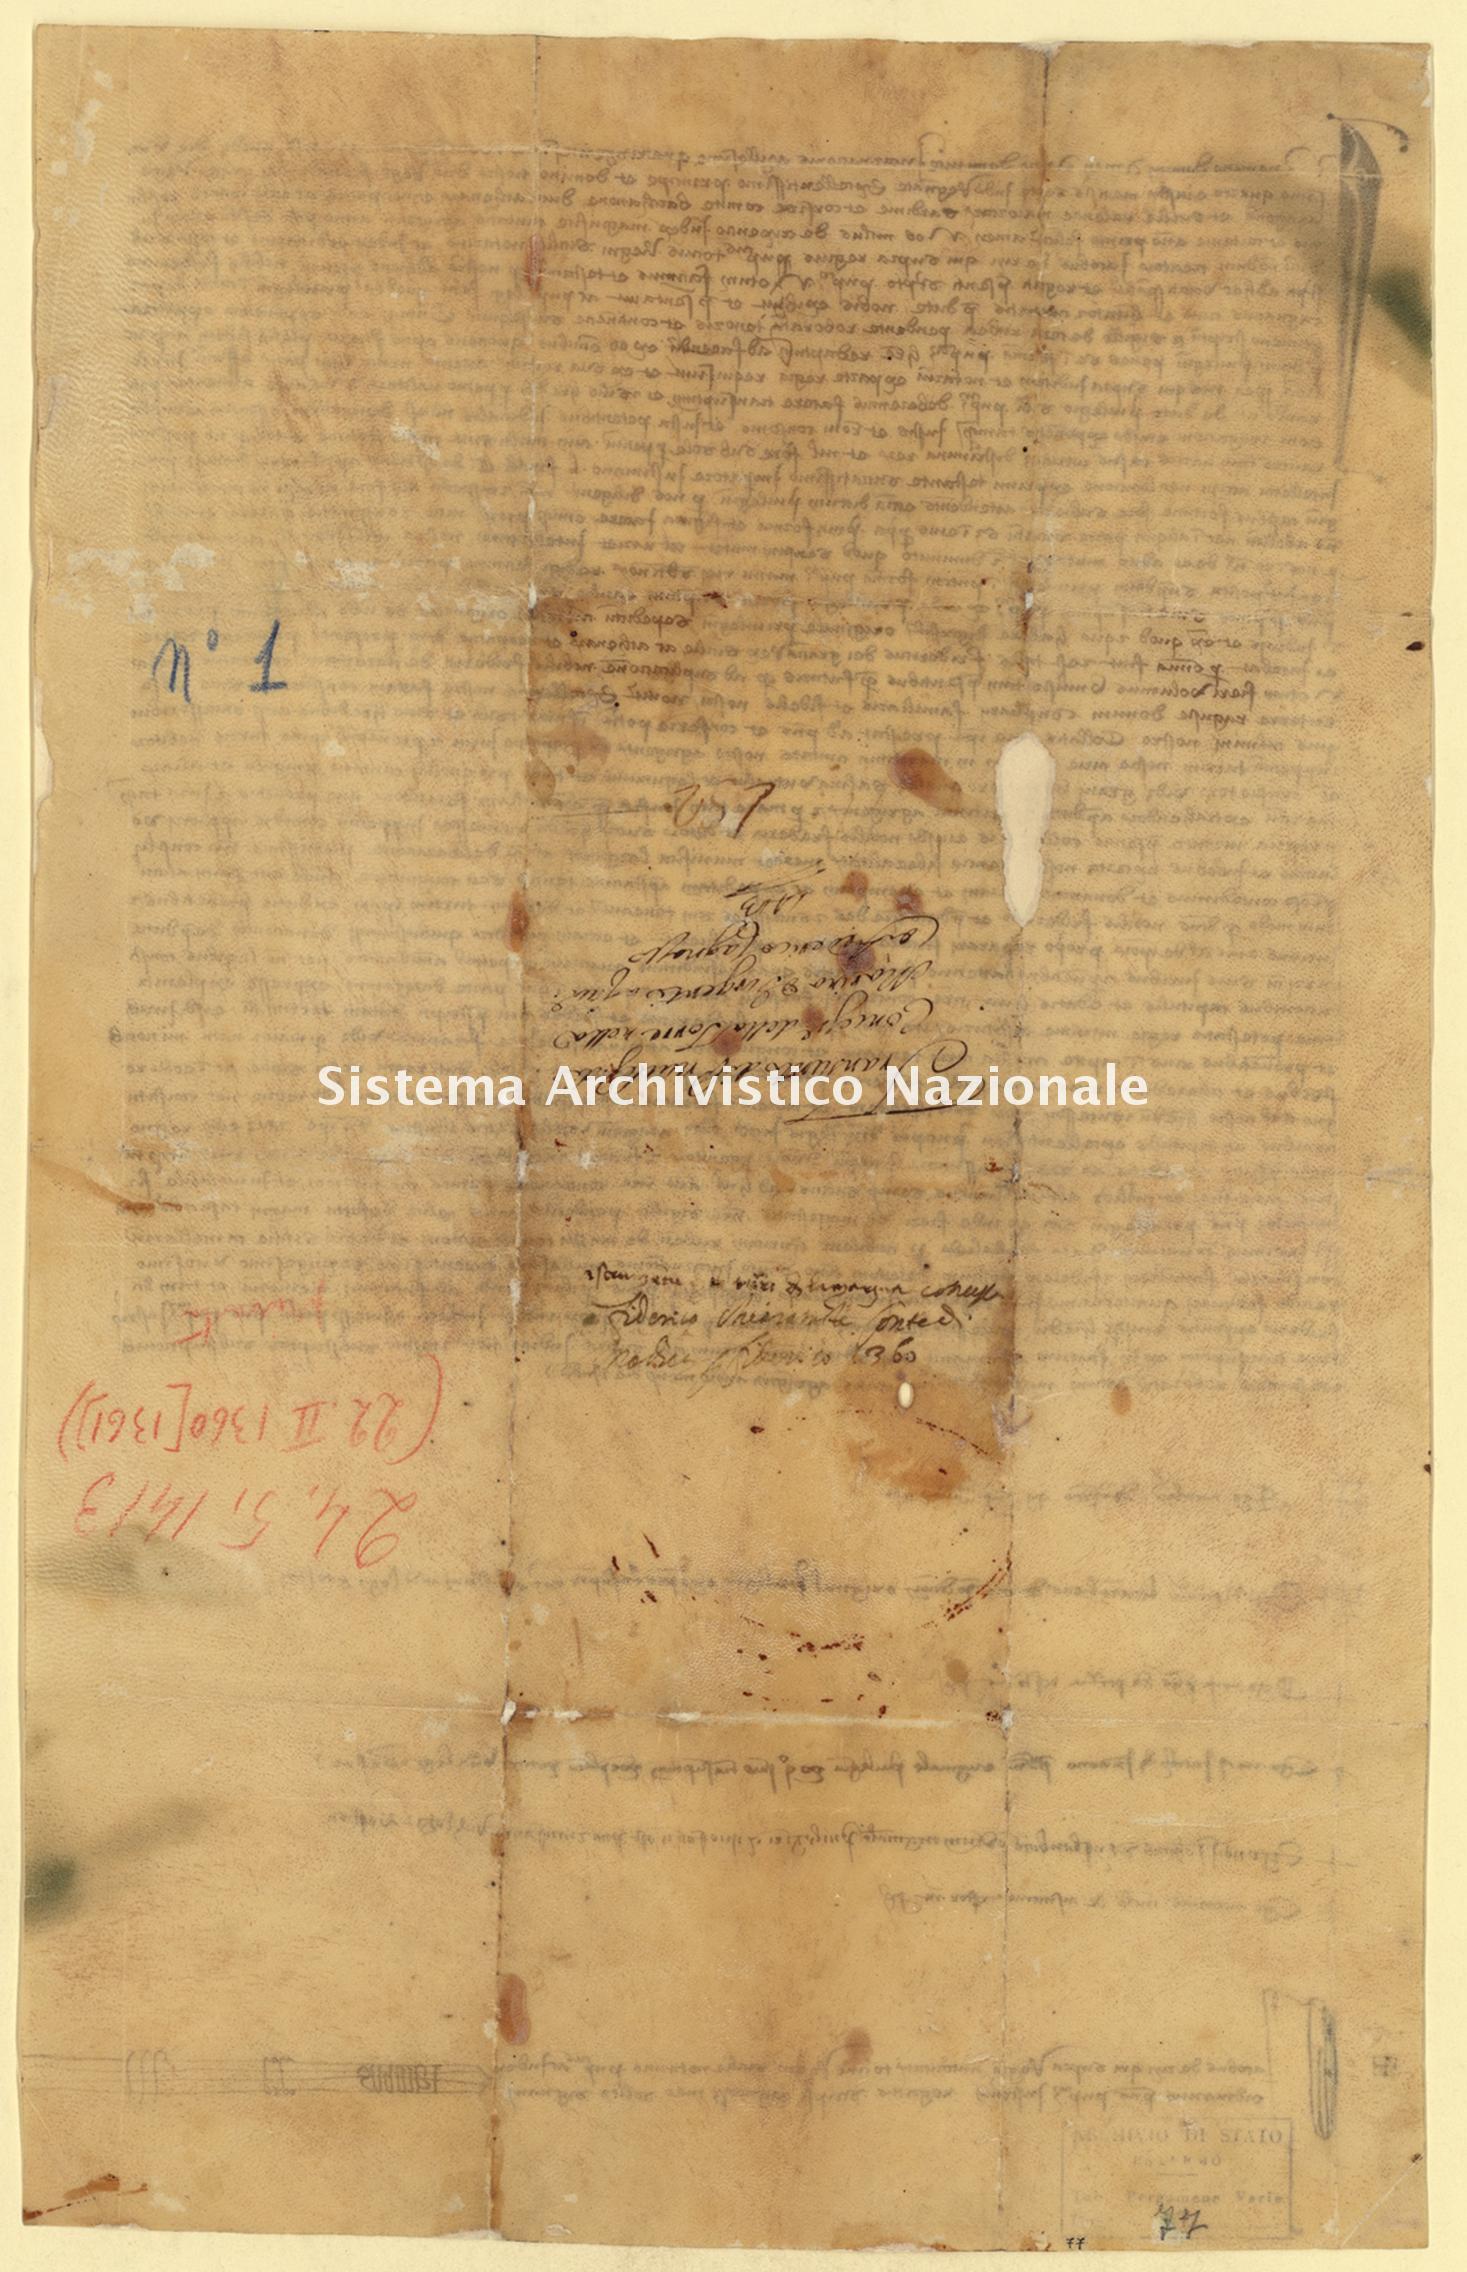 Archivio di Stato di Palermo, Diplomatico, Pergamene di diversa provenienza (già Pergamene varie 1-178, 243-259), Serie I, Pergamena PDP 013.13 (PVa 77)